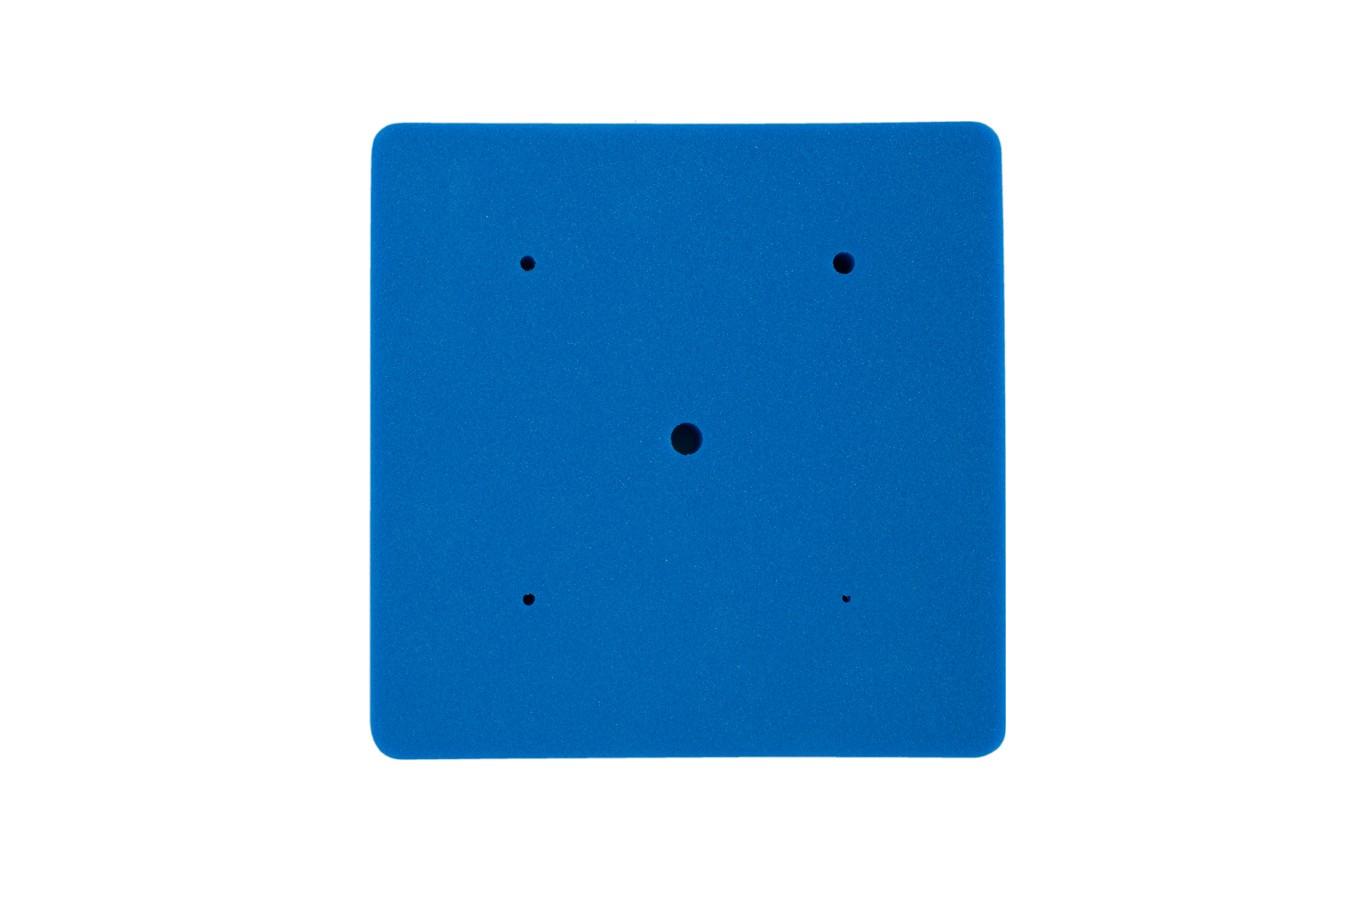 Tapis en mousse pour modelage de fleurs - Bleu